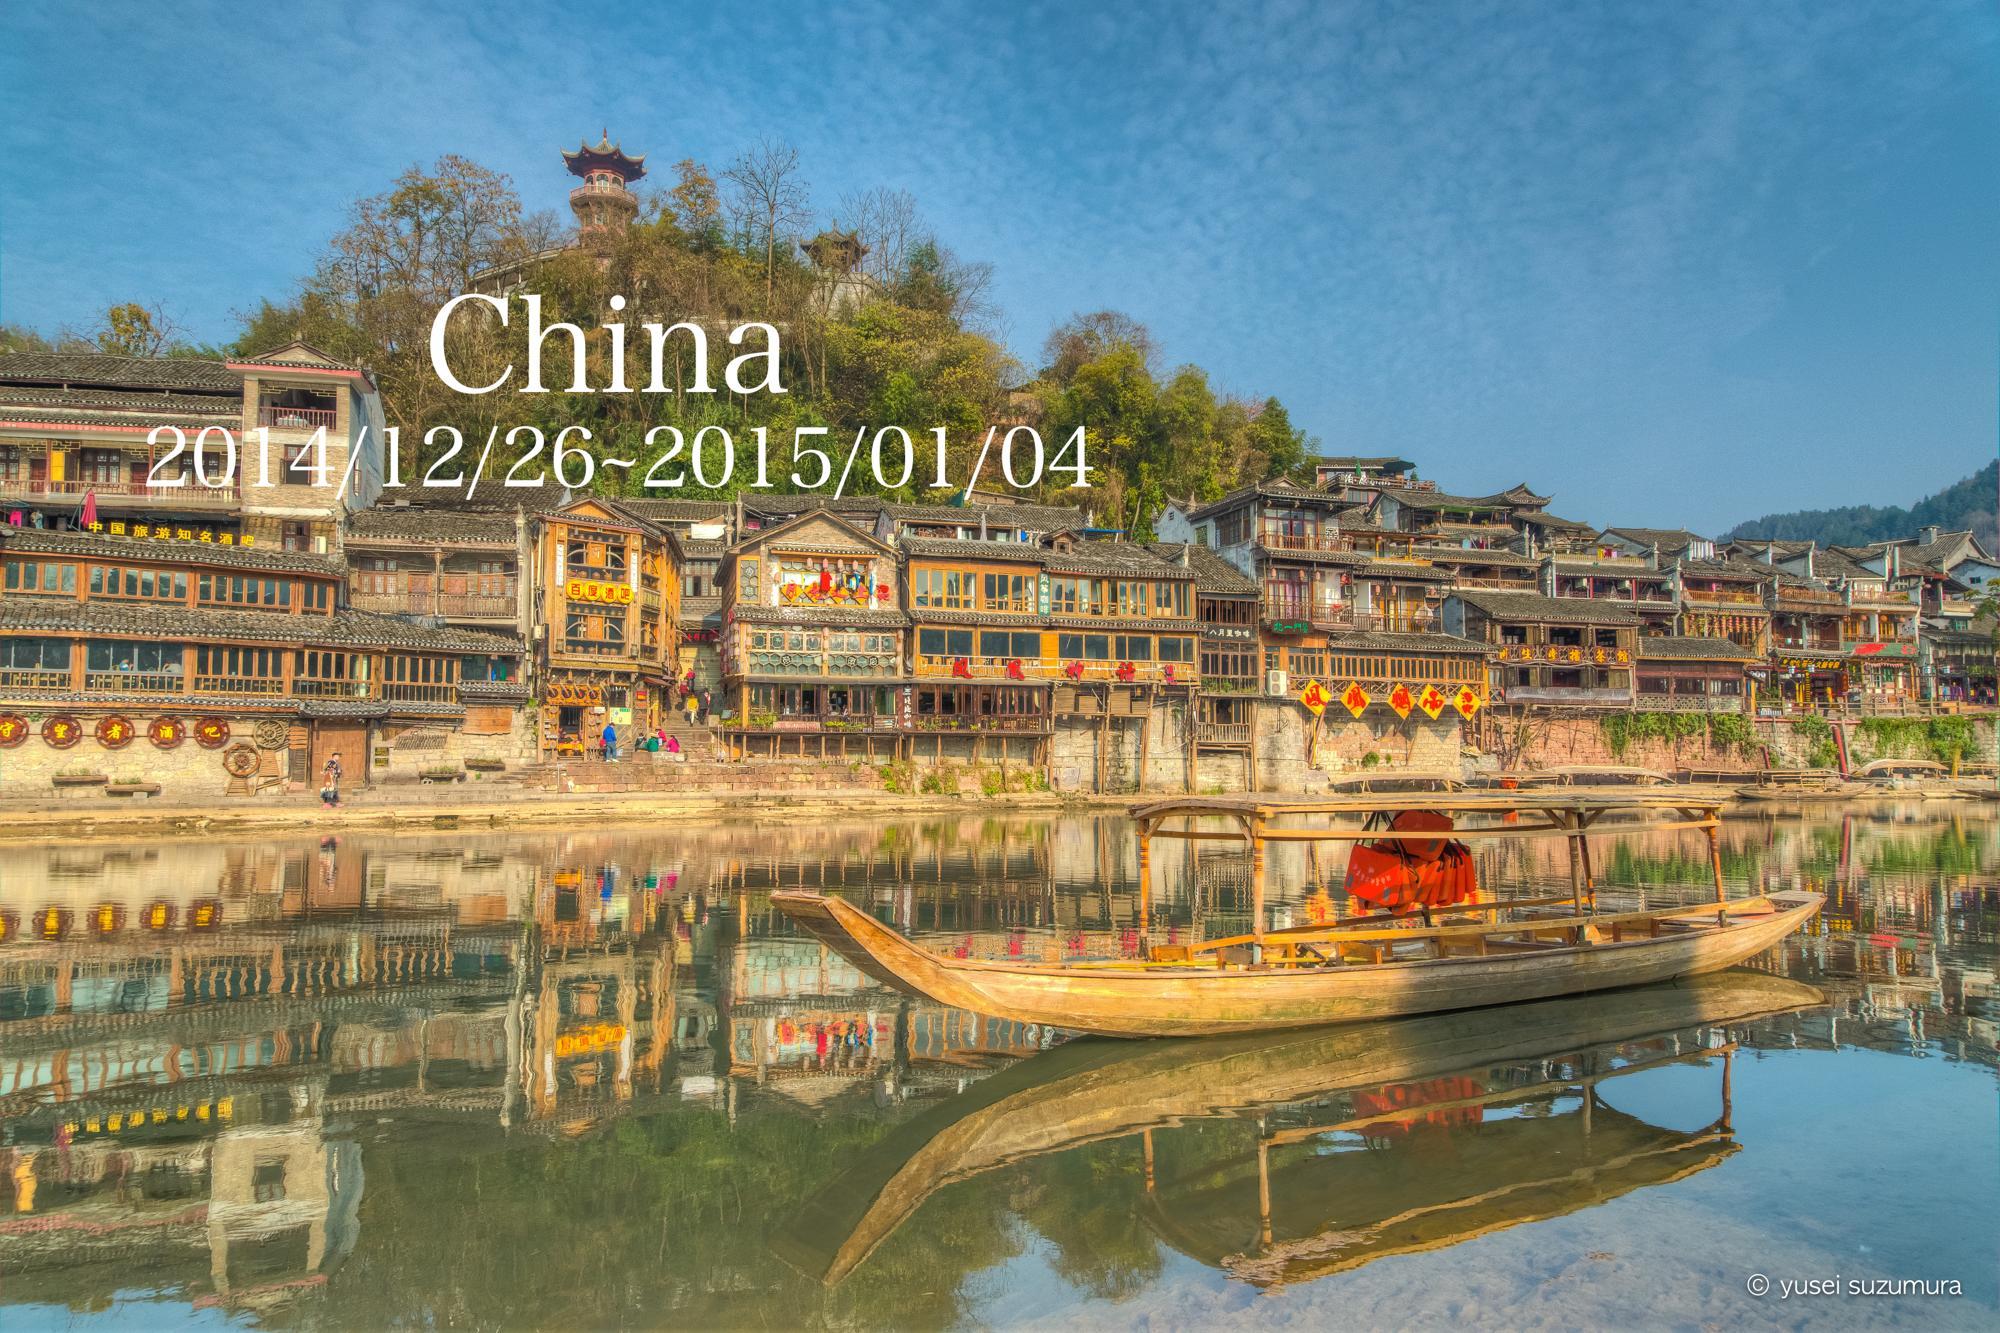 【まとめ】2014年-2015年の年末年始の旅!中国(湖南省、雲南省)旅